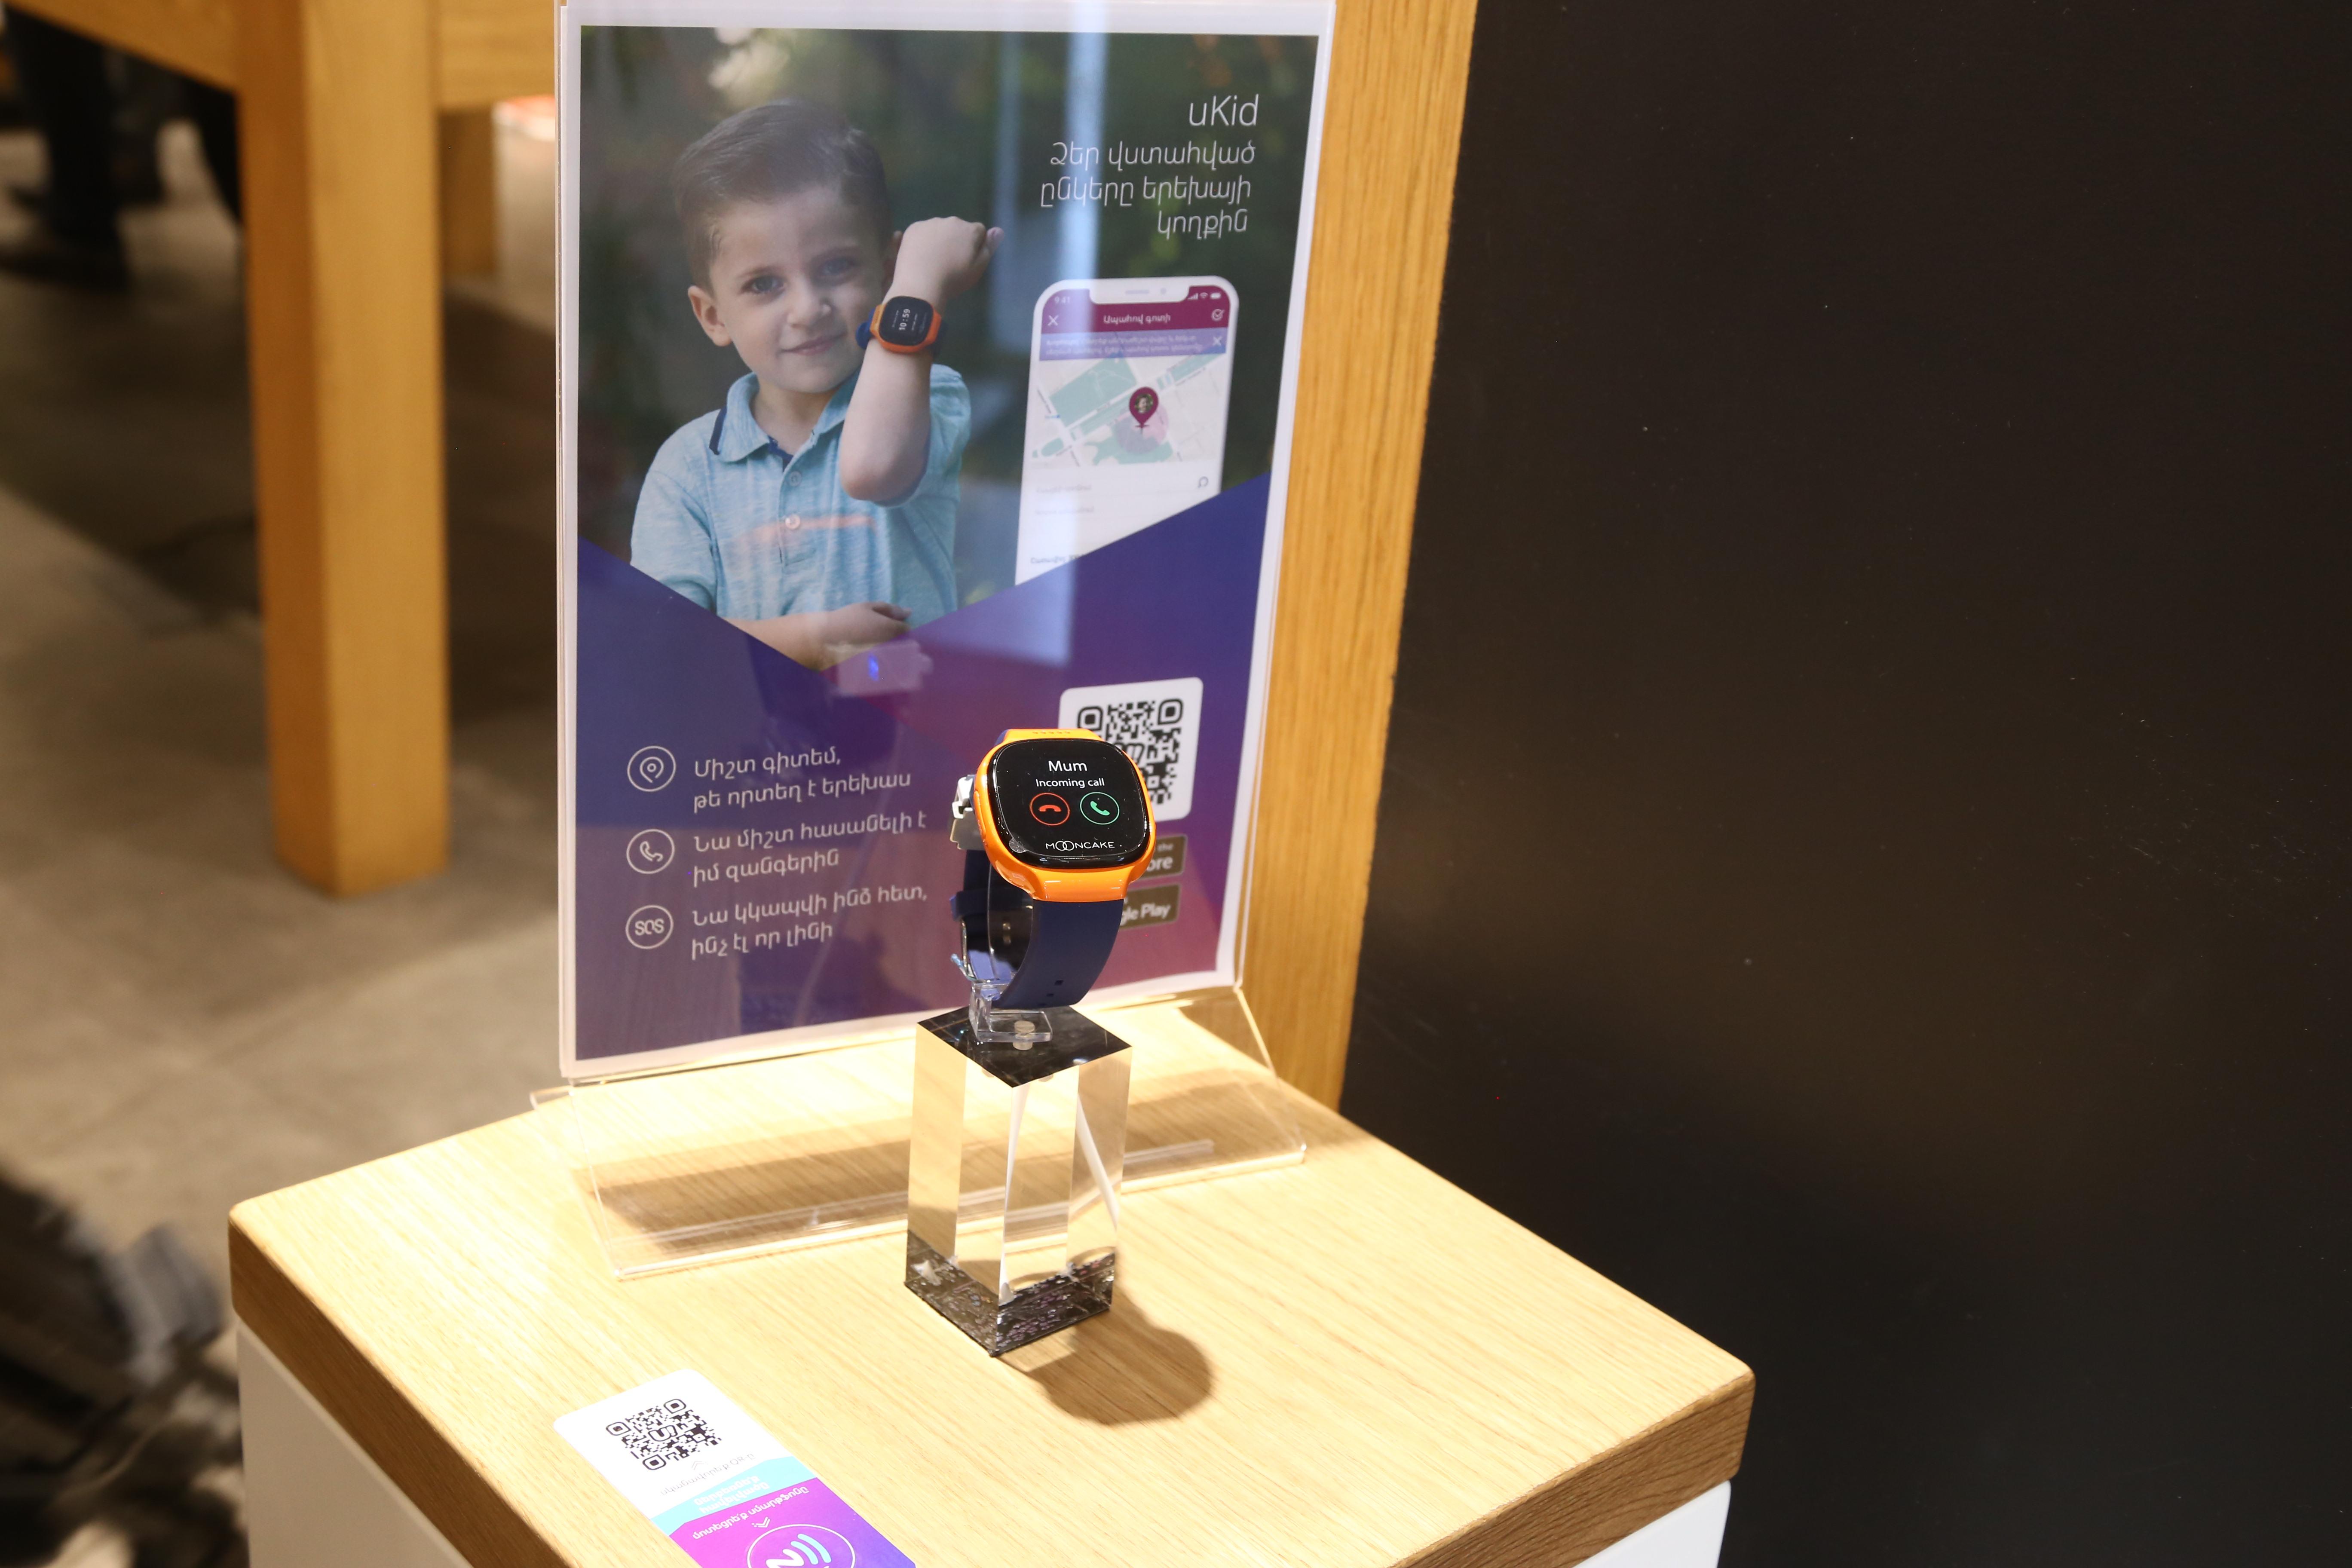 uKid ժամացույց-հեռախոսը տեղյակ կպահի ծնողներին երեխայի գտնվելու վայրի մասին